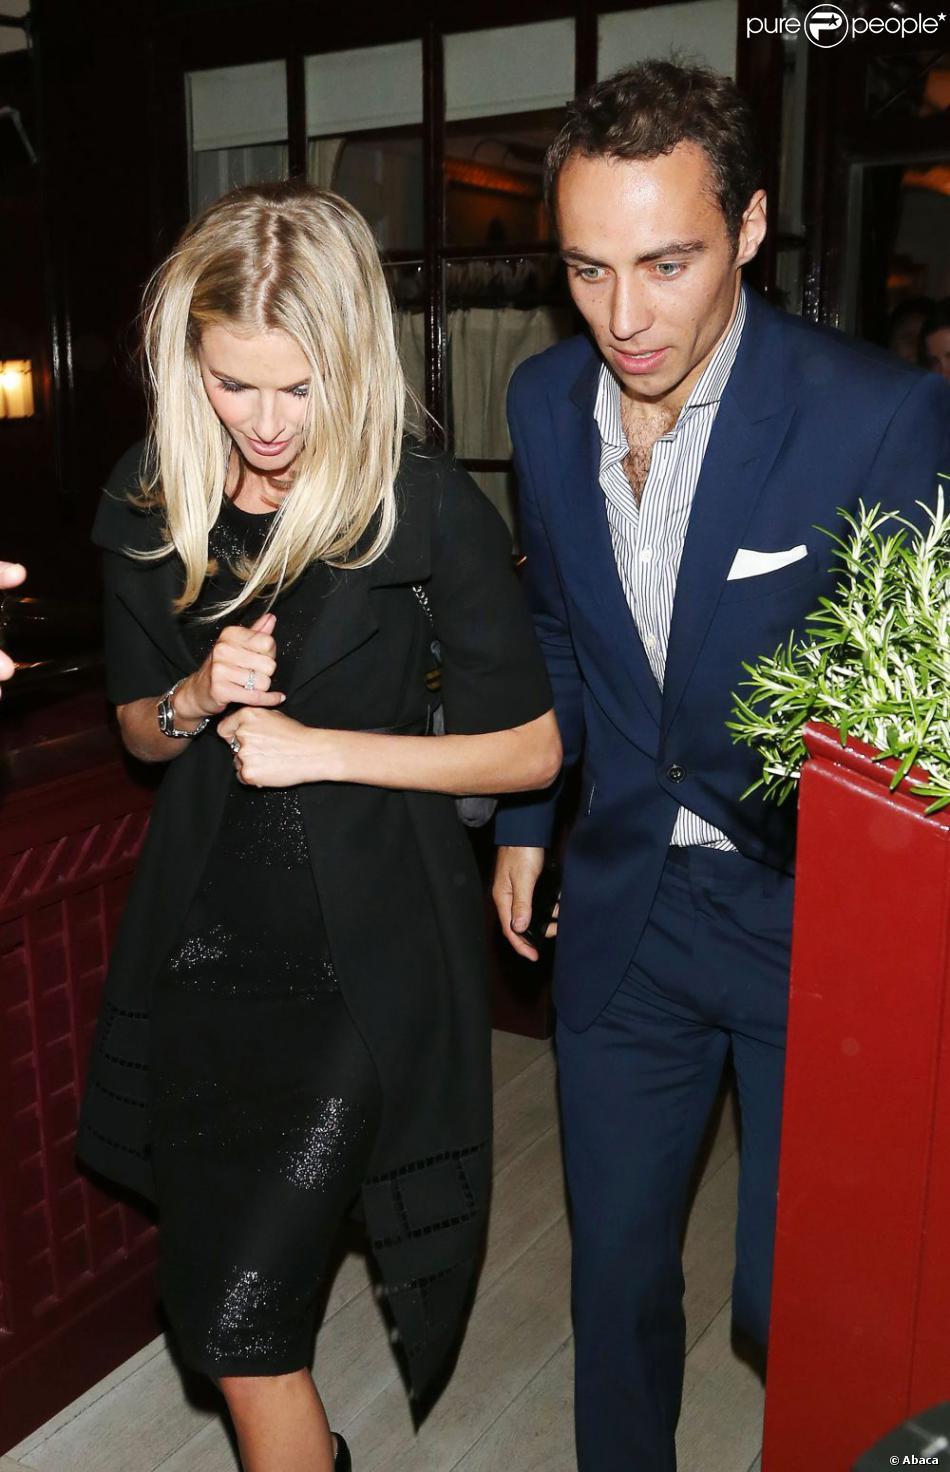 James Middleton et Donna Air à la sortie du Loulou's dans Mayfair le 25 avril 2013, après une soirée en compagnie de Pippa et Nico Jackson.